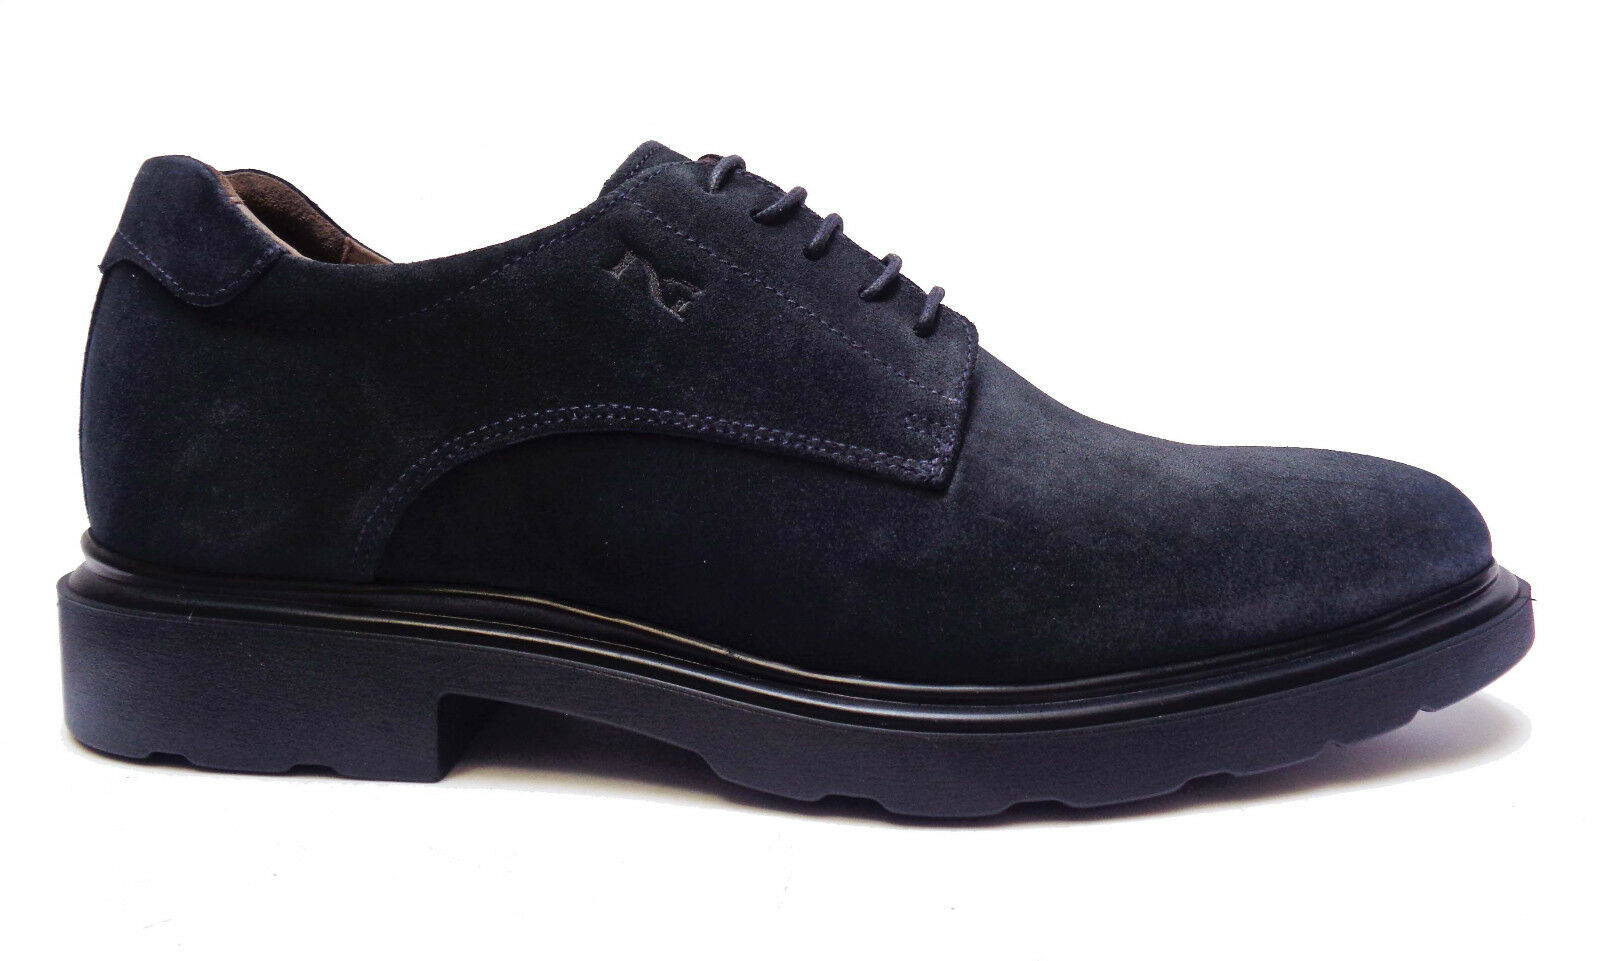 chaussures DA hommes noir GIARDINI chaussures BASSE CASUAL STRINGATE IN CAMOSCIO bleu